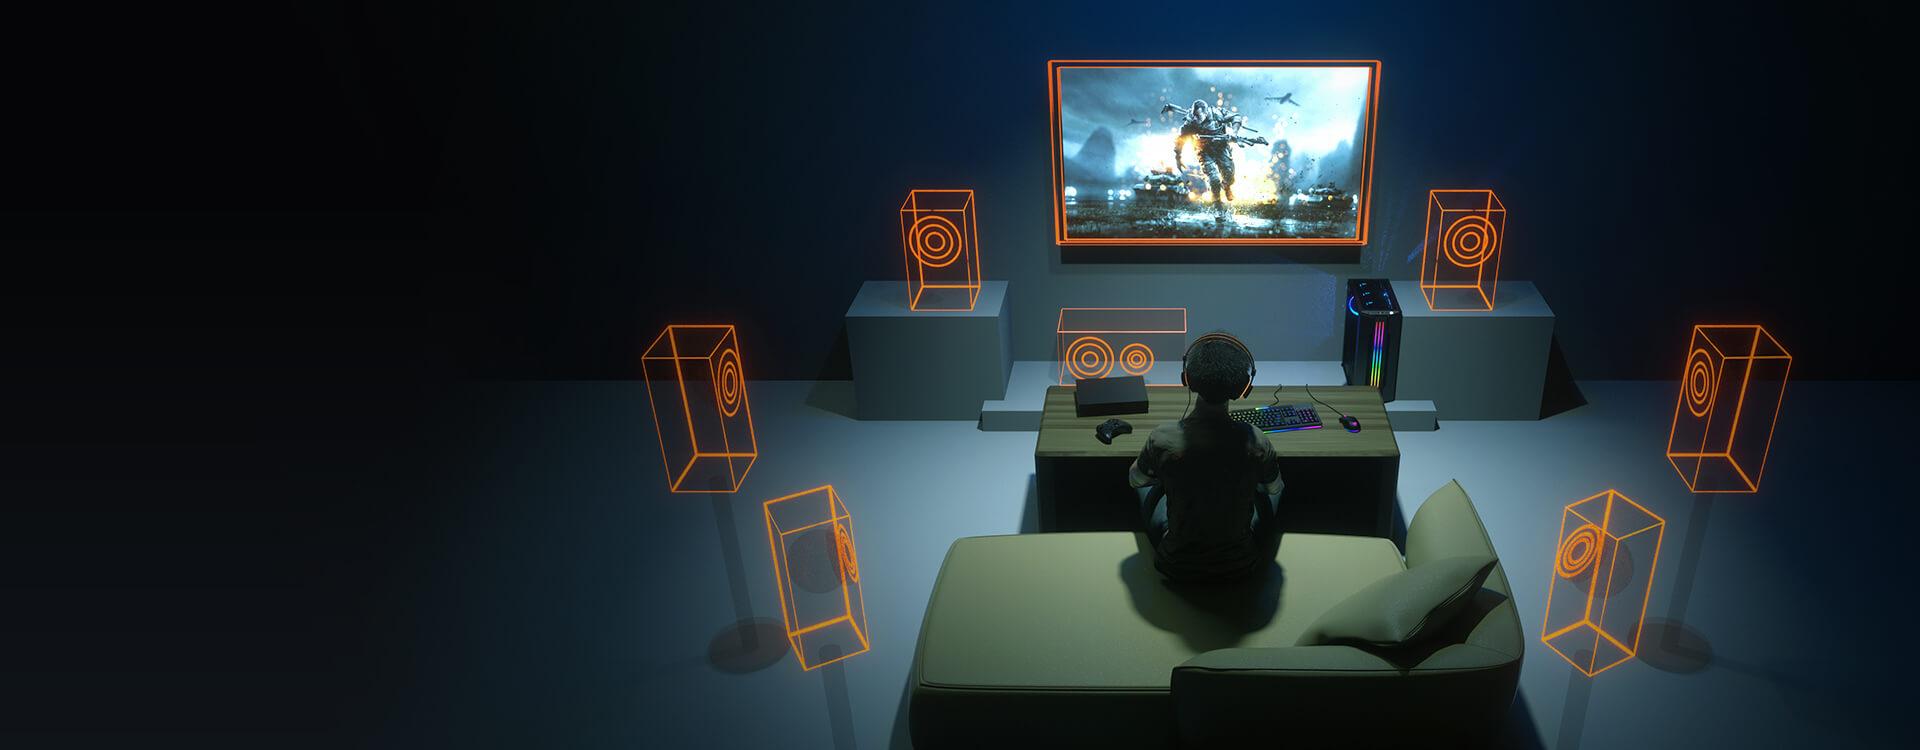 Tai nghe Cougar Immersa Pro Ti RGB - 7.1 Virtual Surround sử dụng công nghệ giả lập âm thanh vòm 7.1 cao cấp